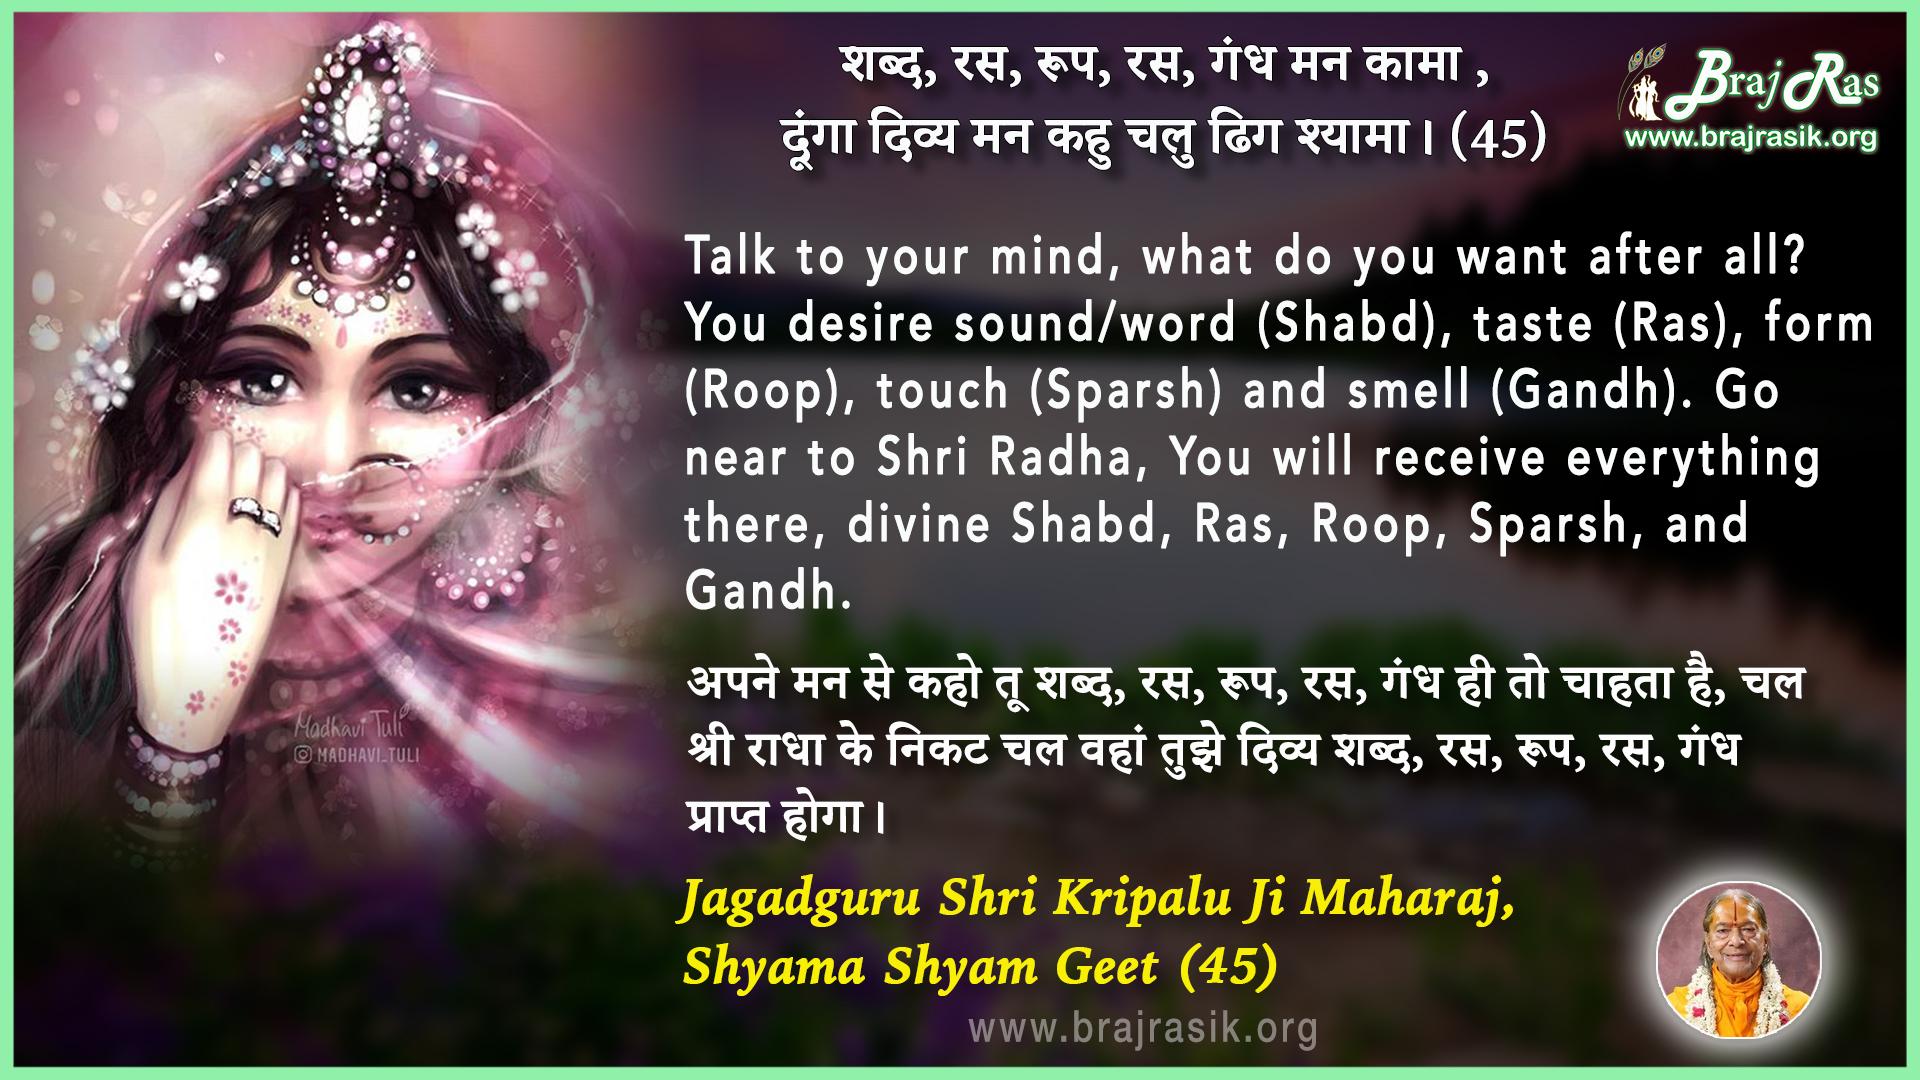 Shabd, Ras, Roop, Ras, Gandh Man Kama - Jagadguru Shri Kripalu Ji Maharaj, Shyama Shyam Geet (45)